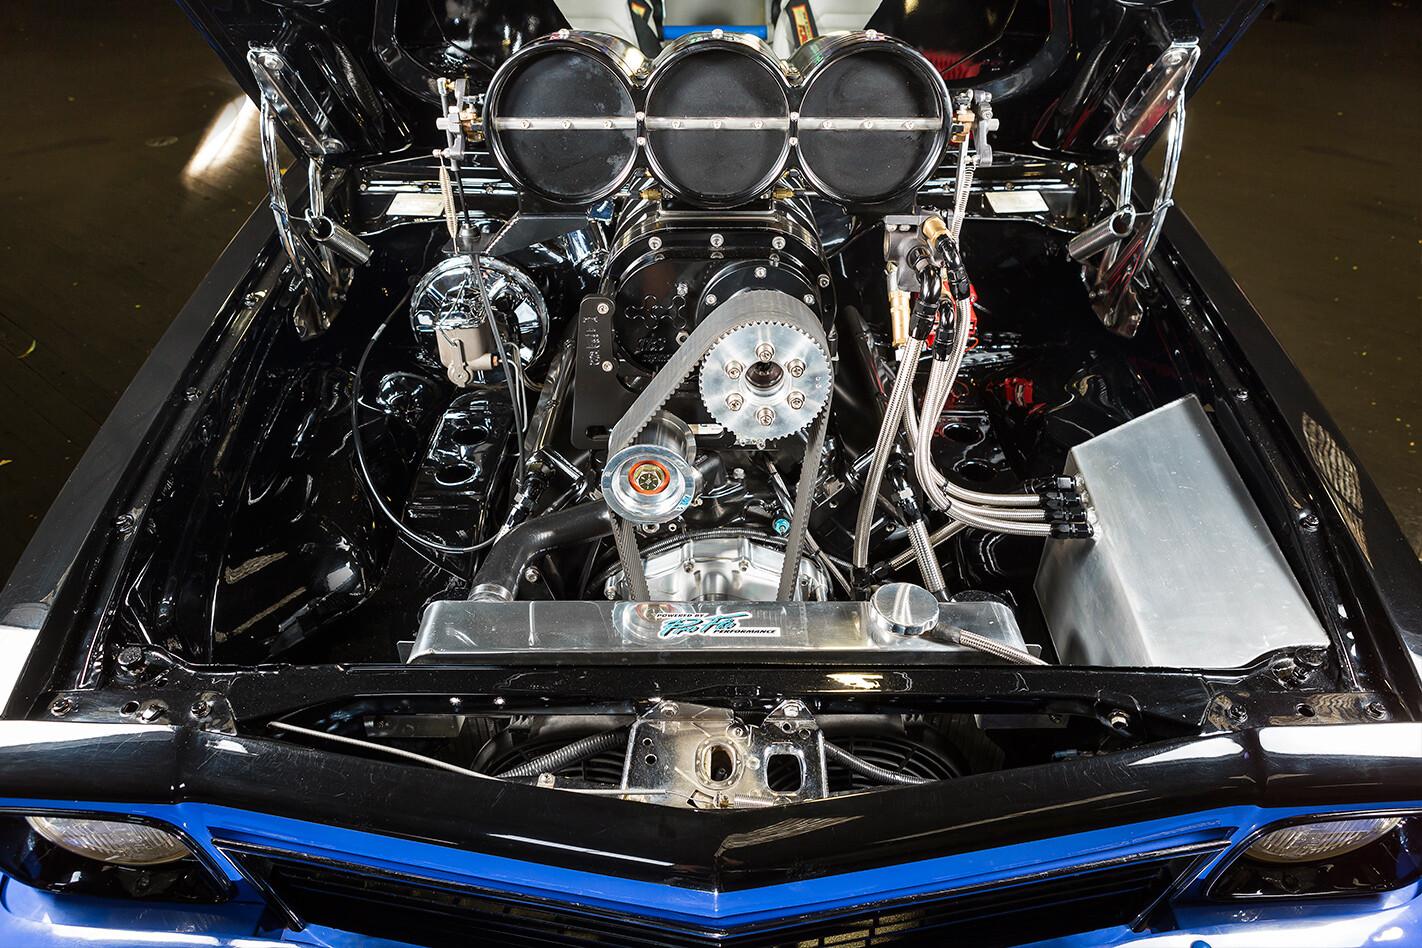 Blown Holden LX Torana engine bay